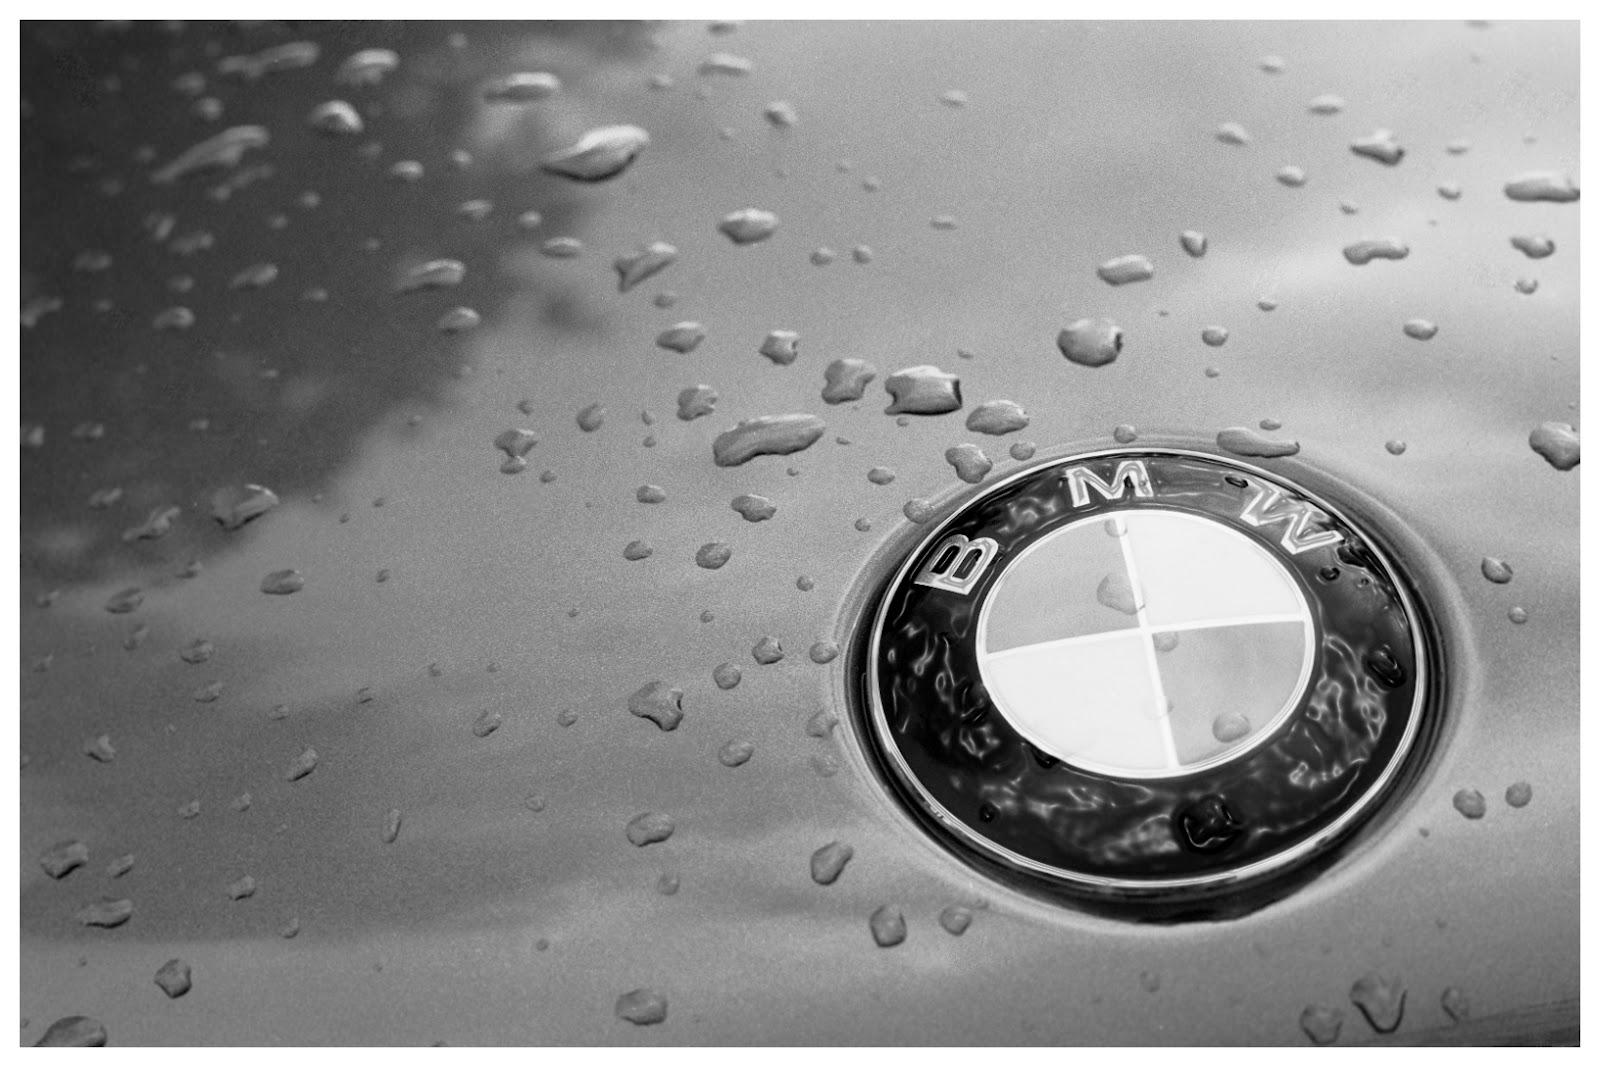 bmw car logo wallpaper hd white bmw car wallpaper hd bmw car 1600x1067